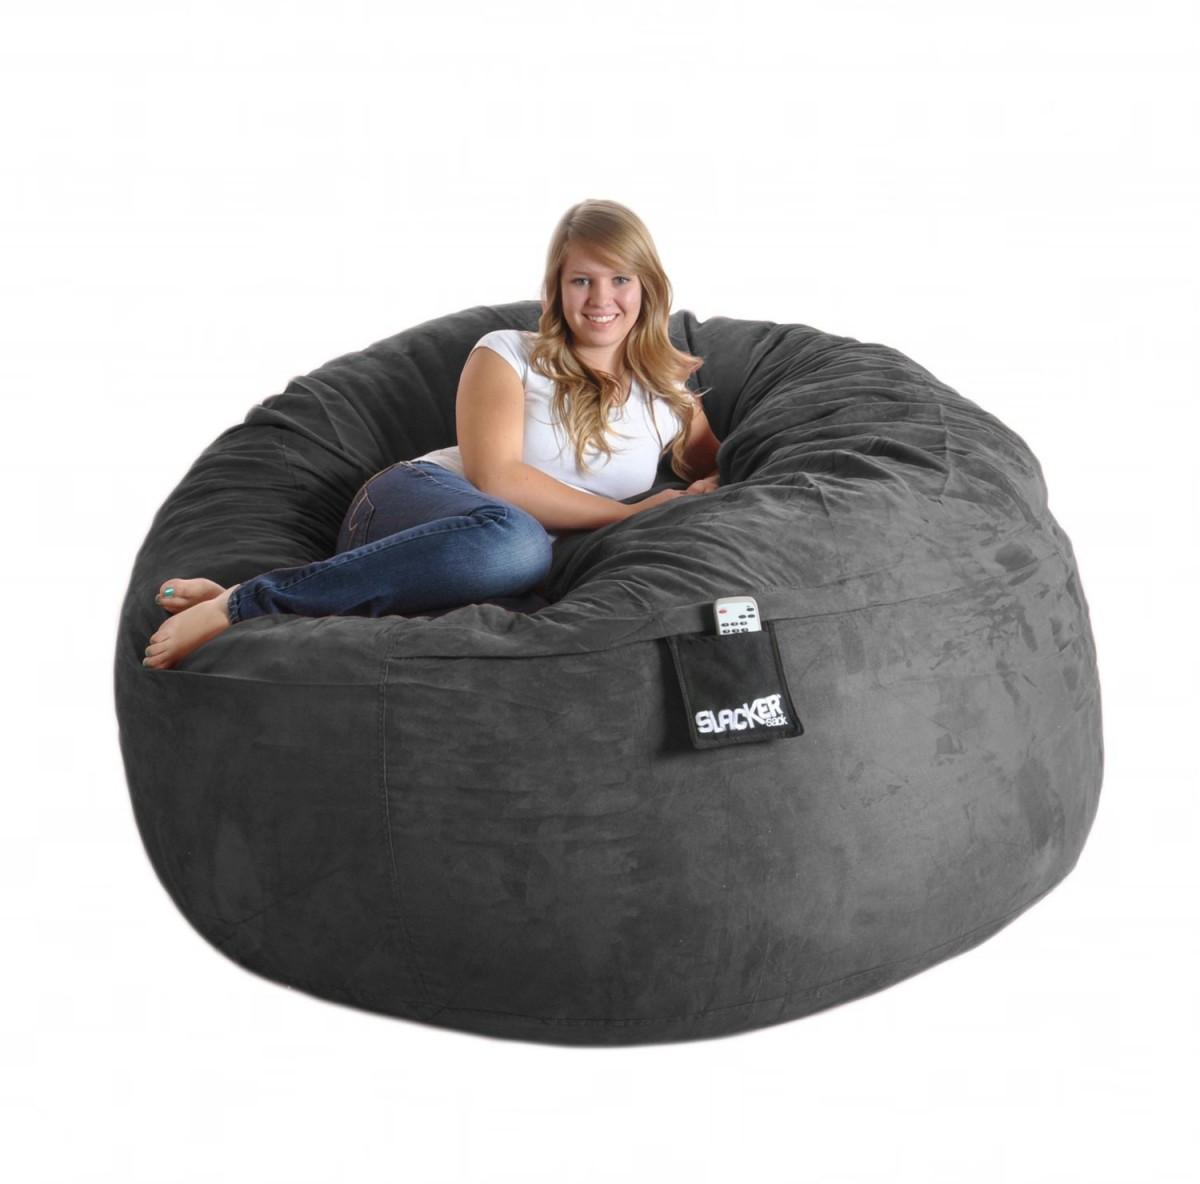 black bean bag chairs